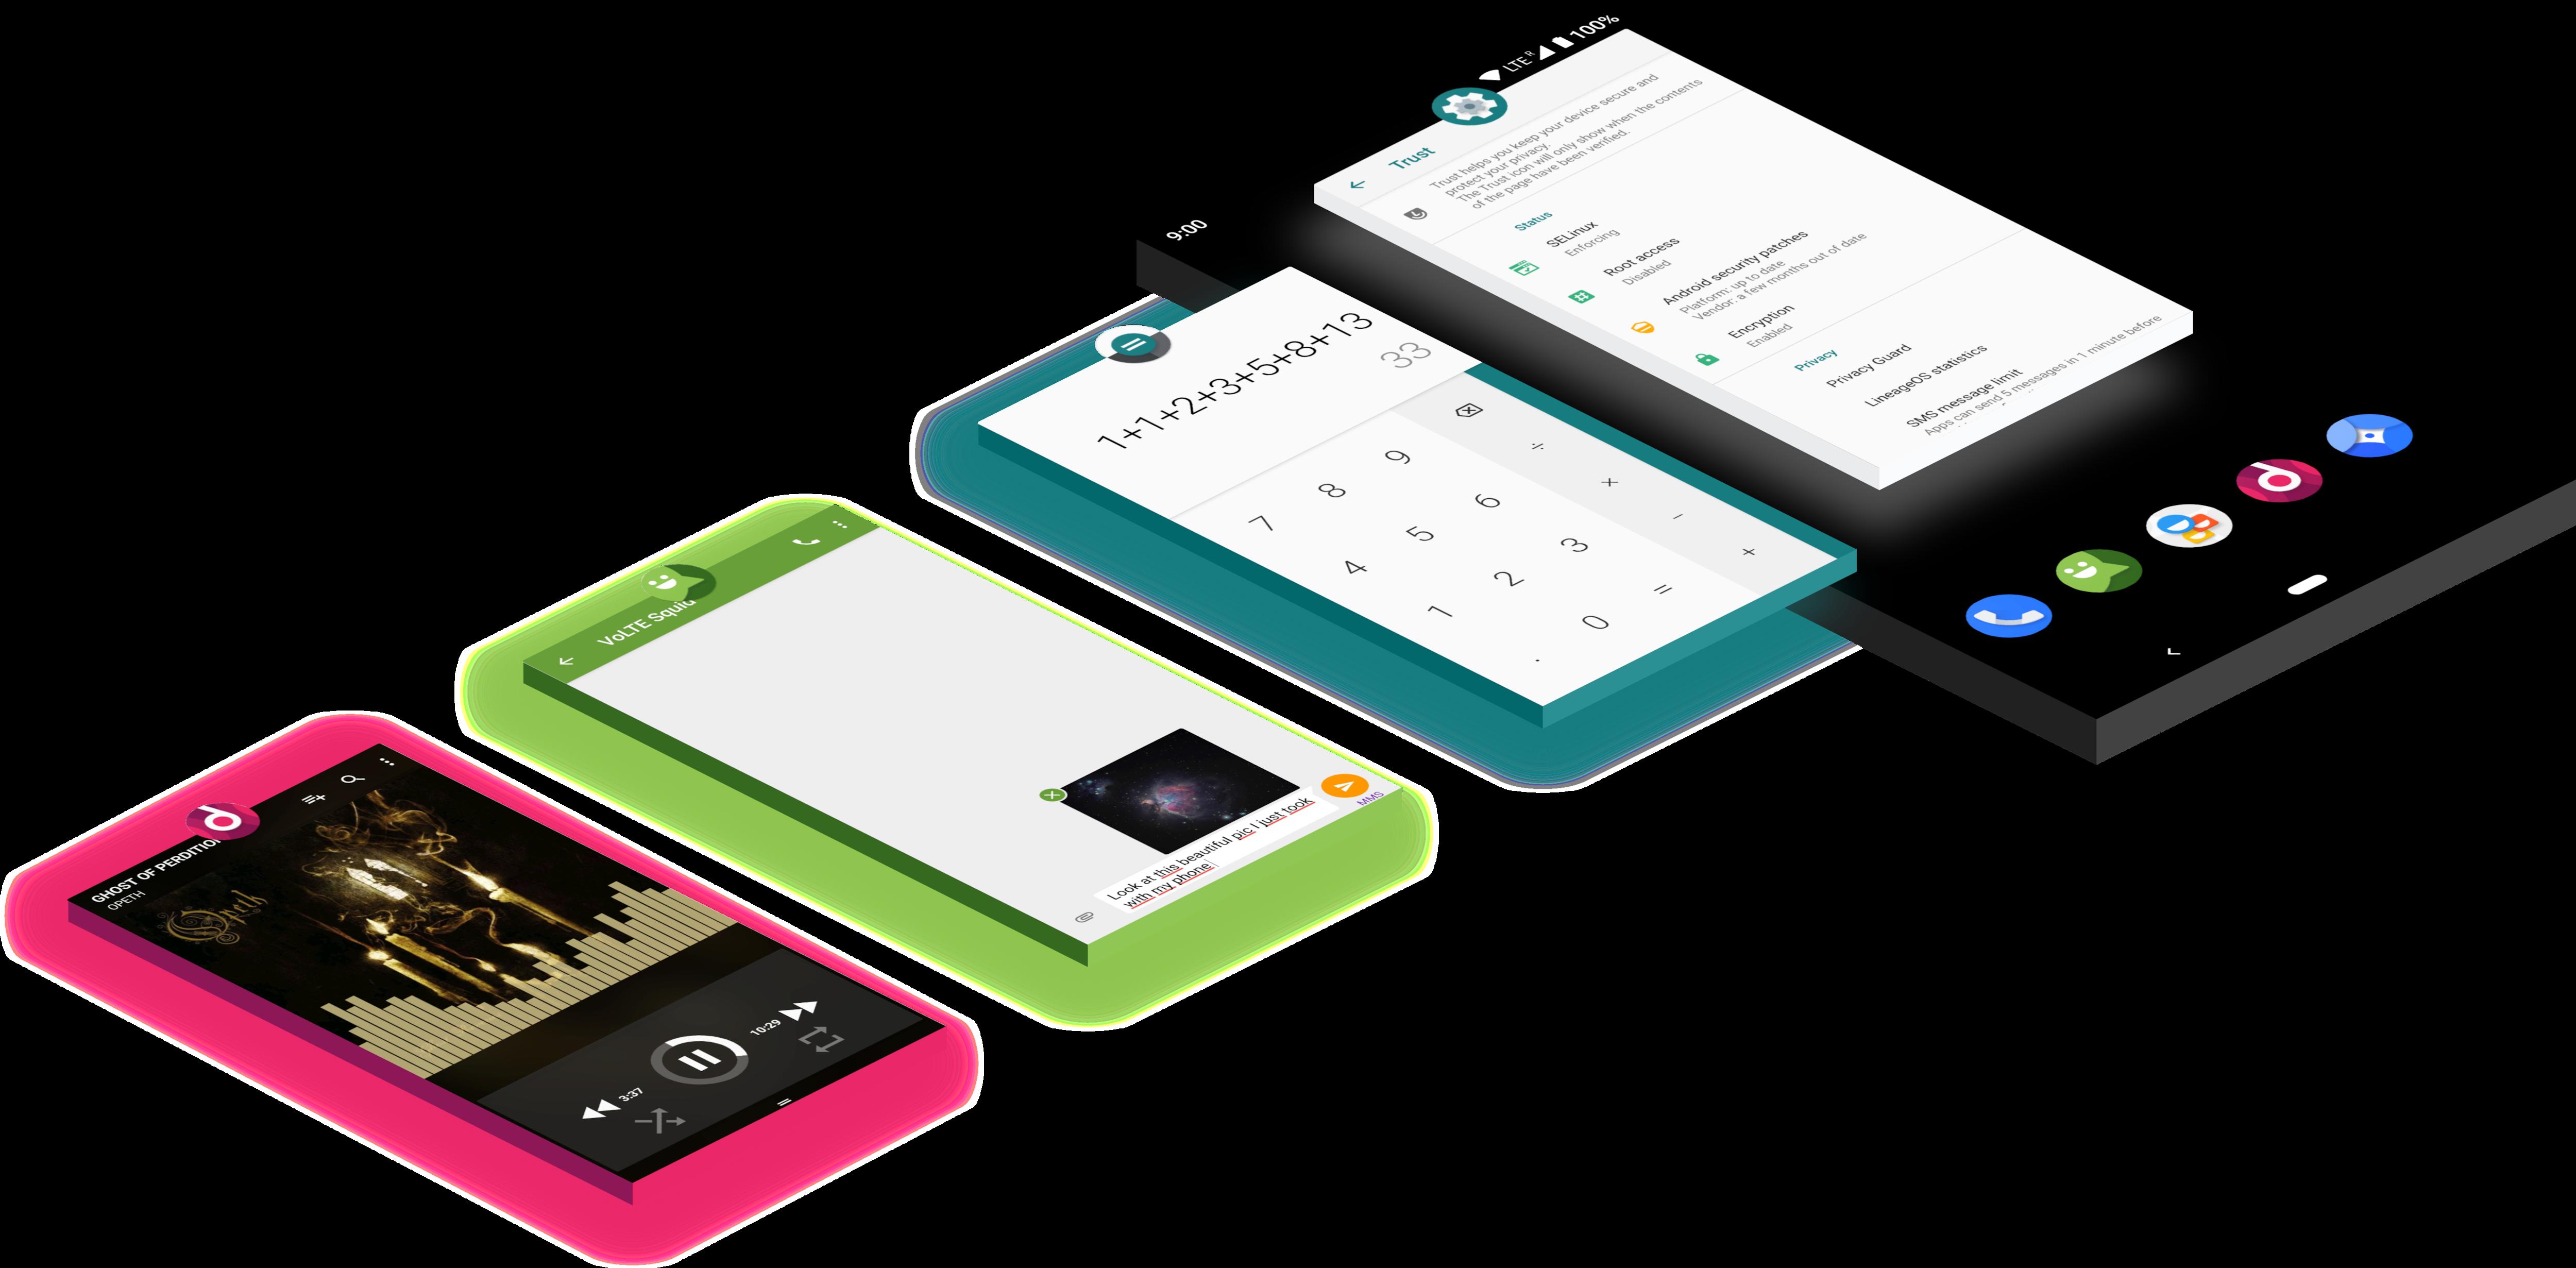 È arrivata la LineageOS 16.0 con Android Pie: novità e primi dispositivi supportati